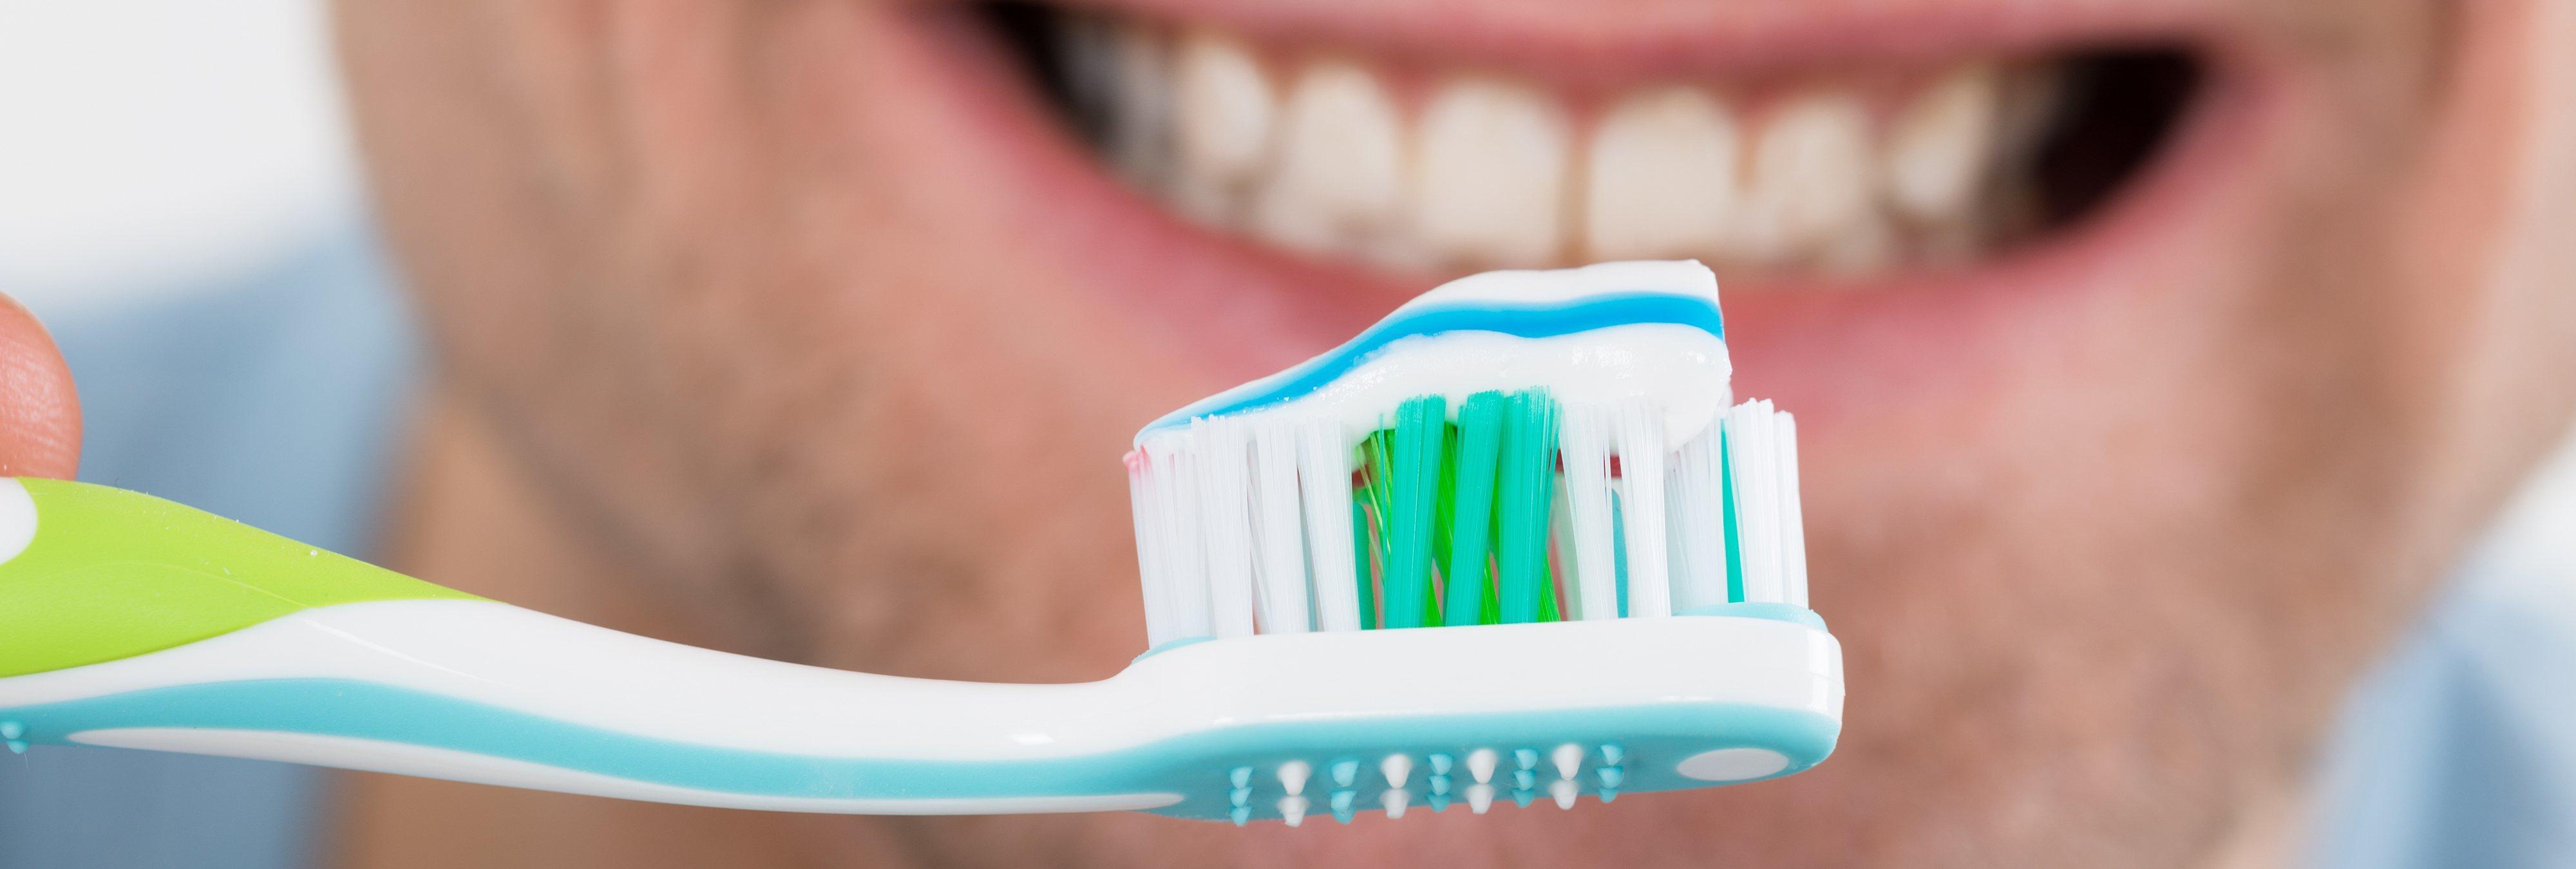 Lavarse los dientes con este reconocido producto puede ser peligroso, según la OCU